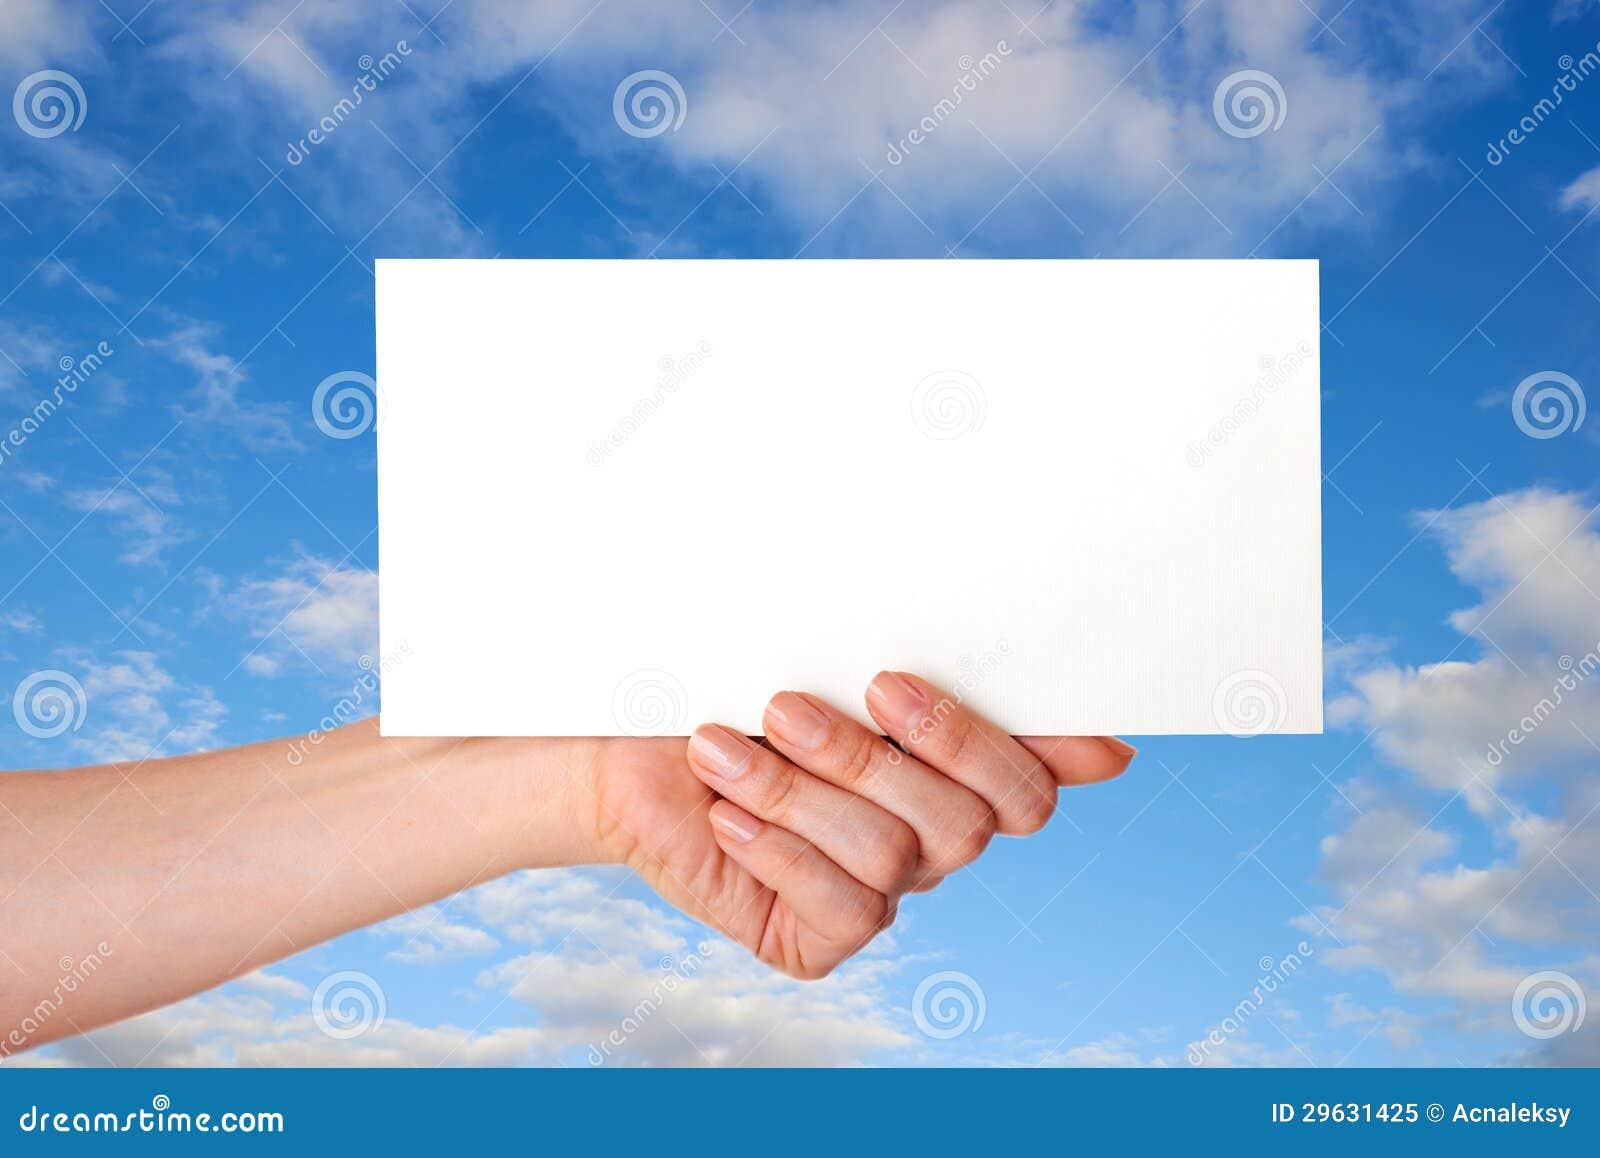 Mão com envelope